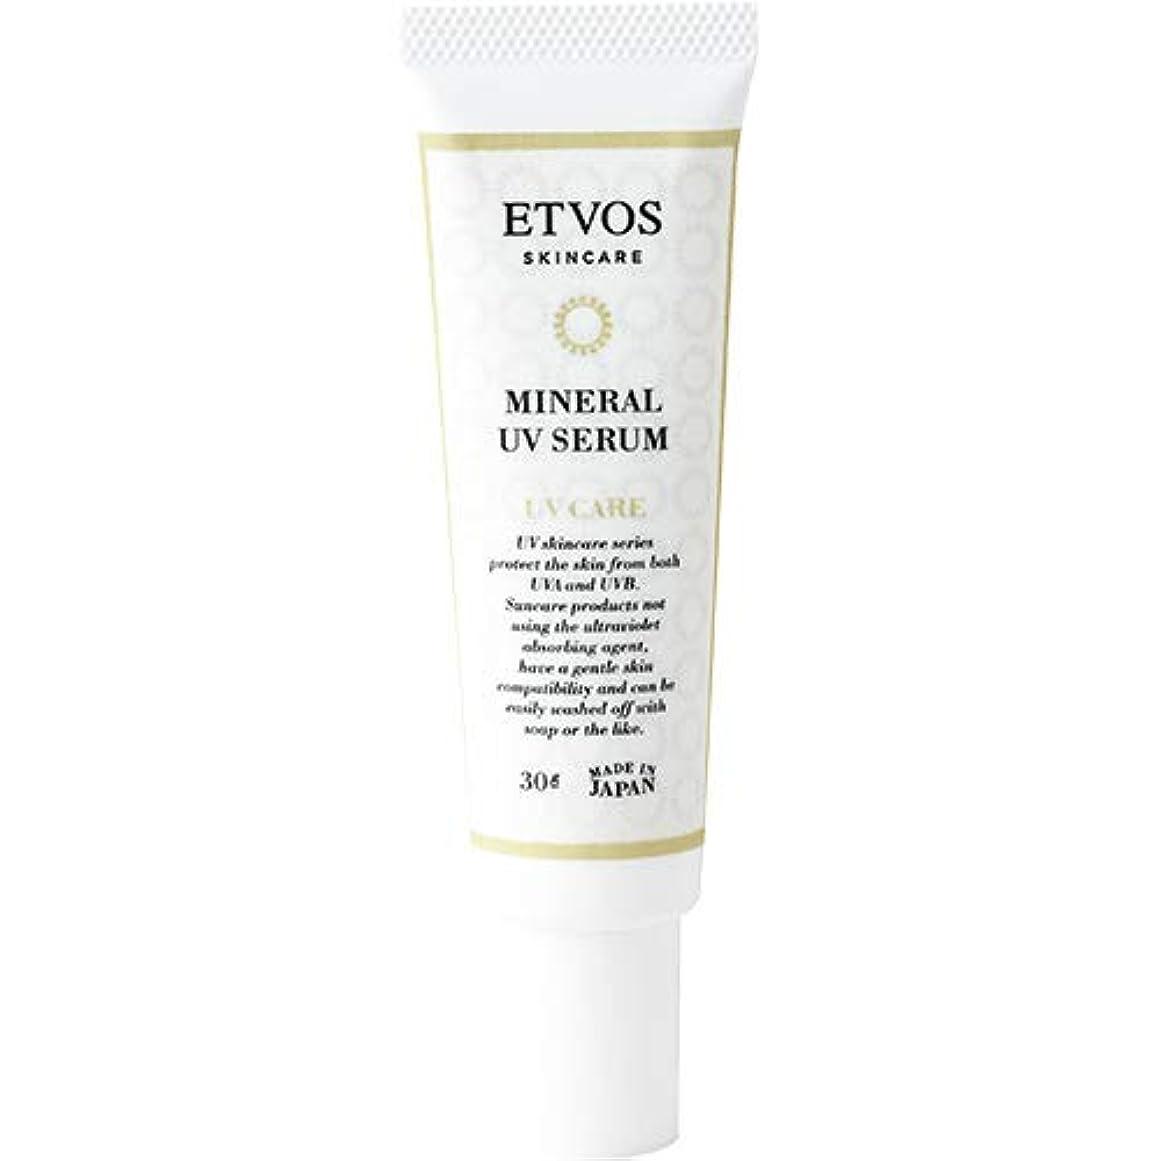 ETVOS(エトヴォス) 日焼け止め美容液 ミネラルUVセラム SPF35/PA+++ 30g 化粧下地 紫外線吸収剤不使用